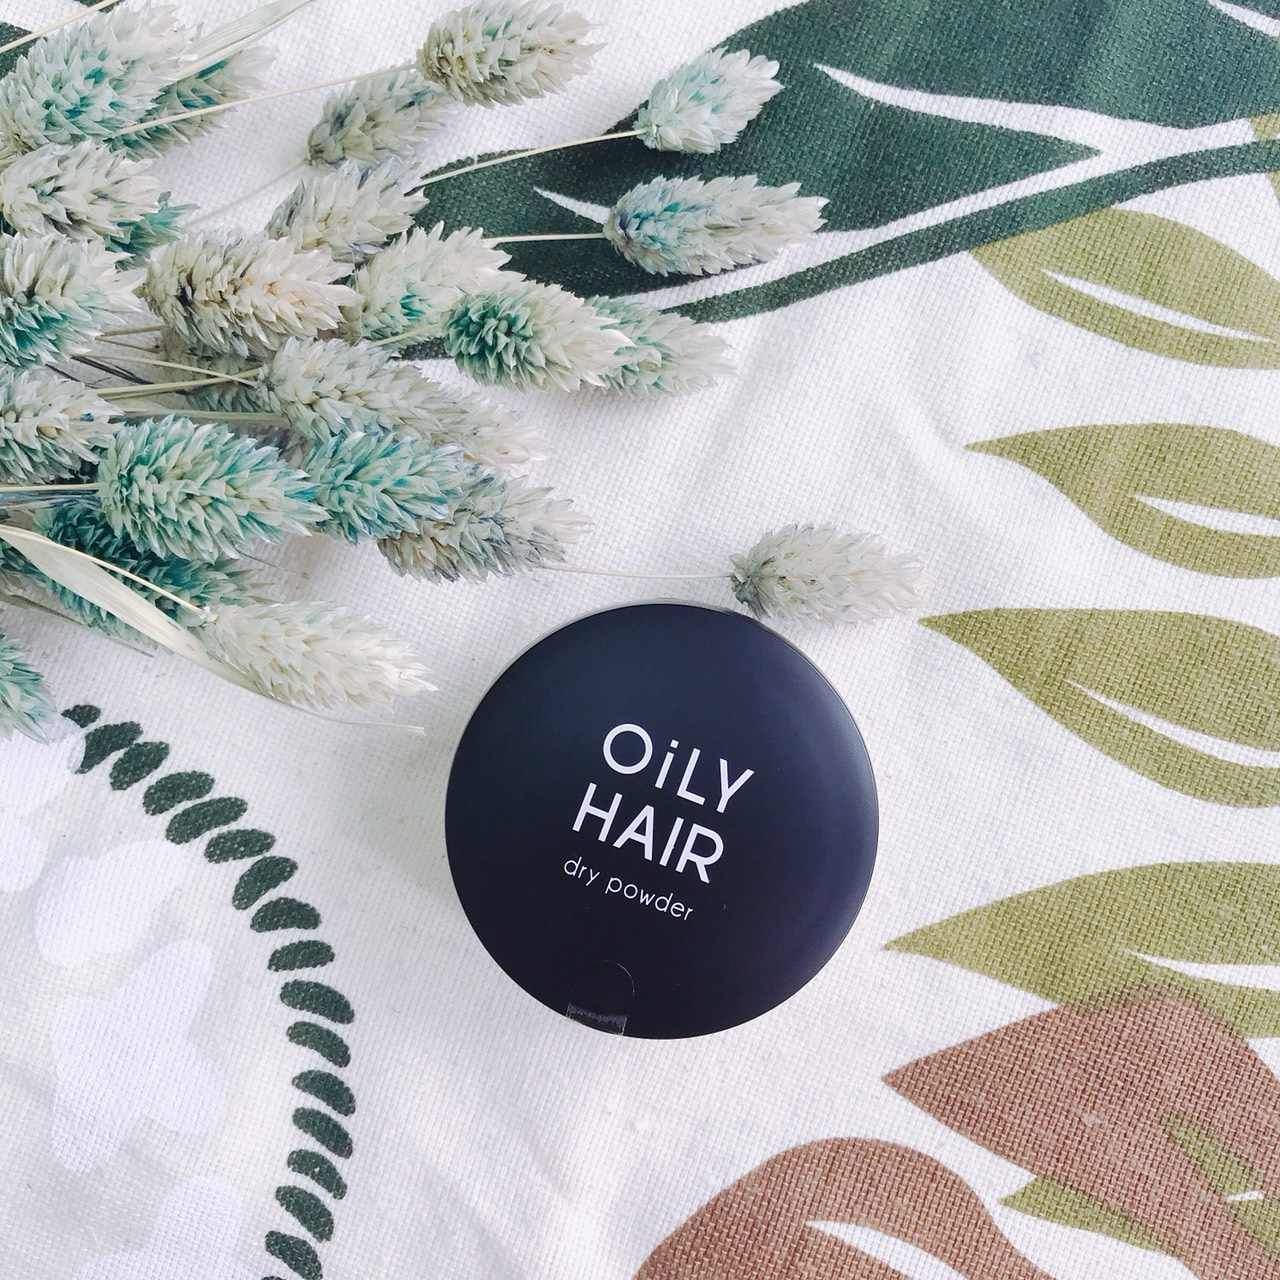 【A'PIEU】頭髮專用控油蜜粉: 最後一款則是【A'PIEU】頭髮專用控油蜜粉,只能說她真的太會偽裝,一臉就是蜜粉的樣子,帶在身上也不會讓人想像你頭很油的樣子(?),使用起來也會比噴灑的款式還要來得更為方便。